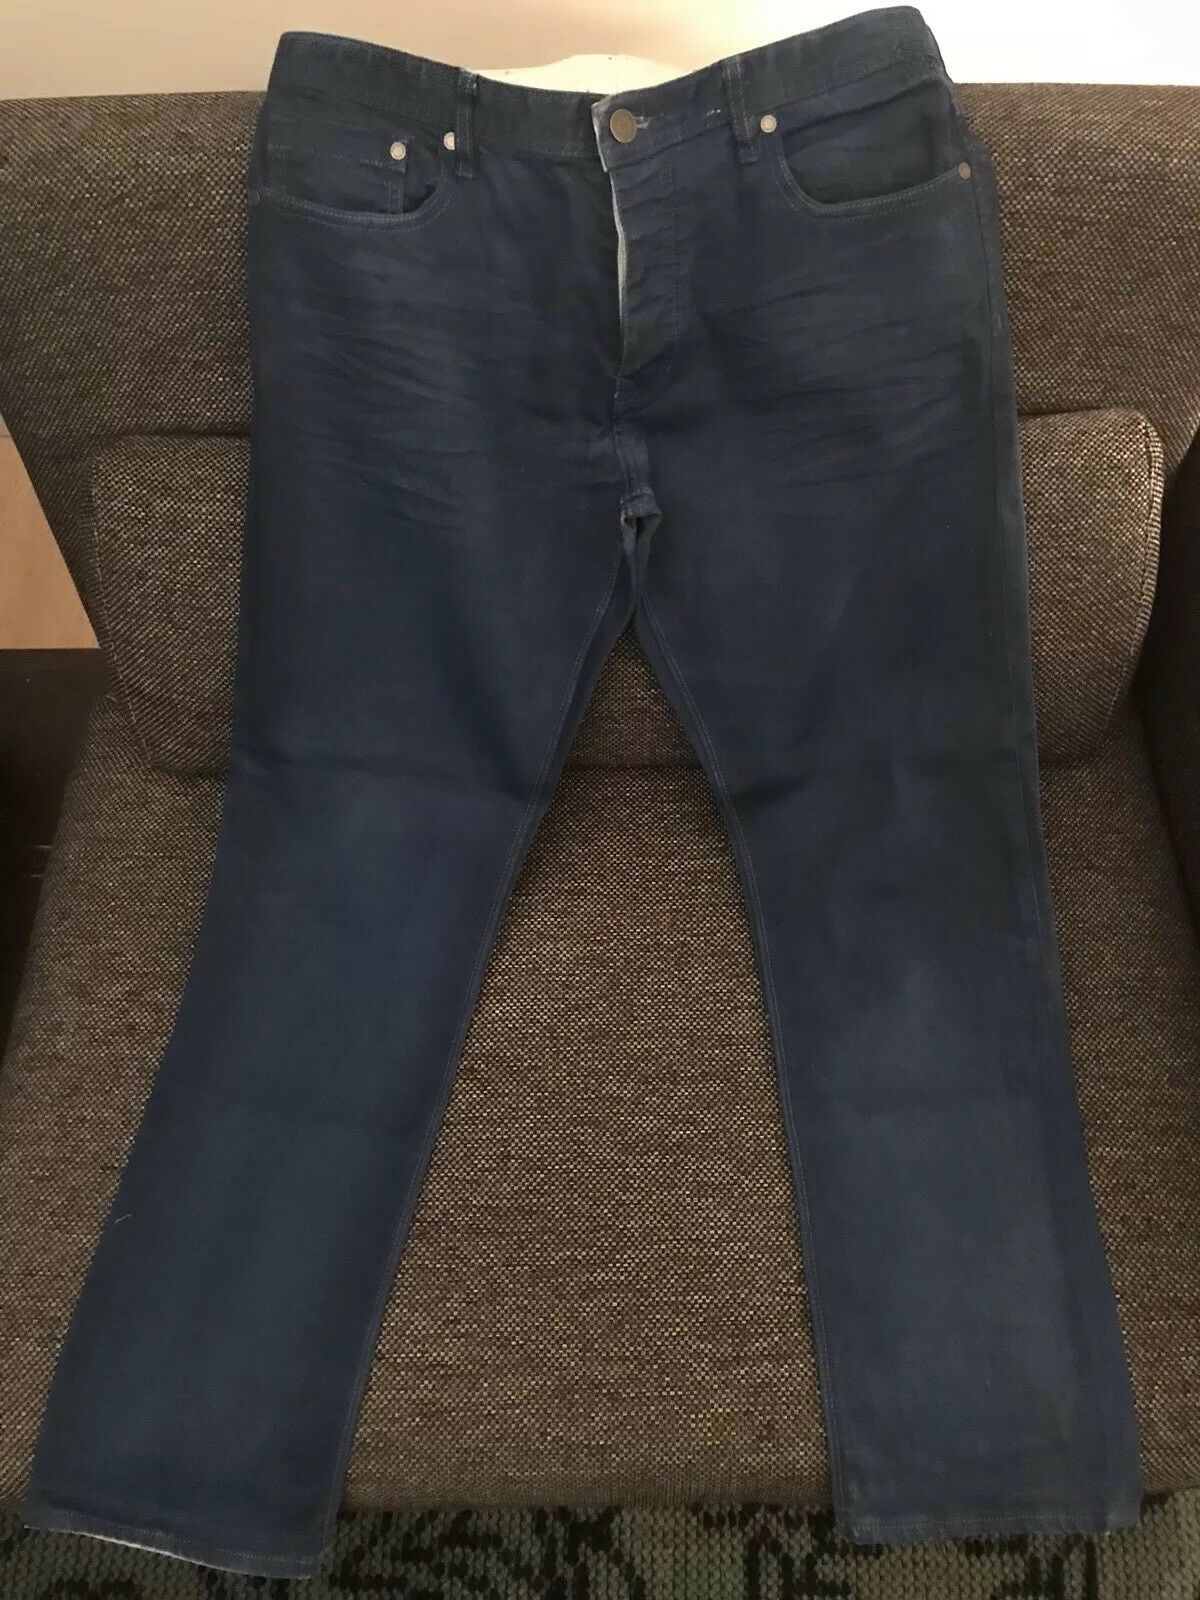 9e2ce448446e W36l32 Calvin Ablution Avec Jeans Hommes Klein Une RRYq0